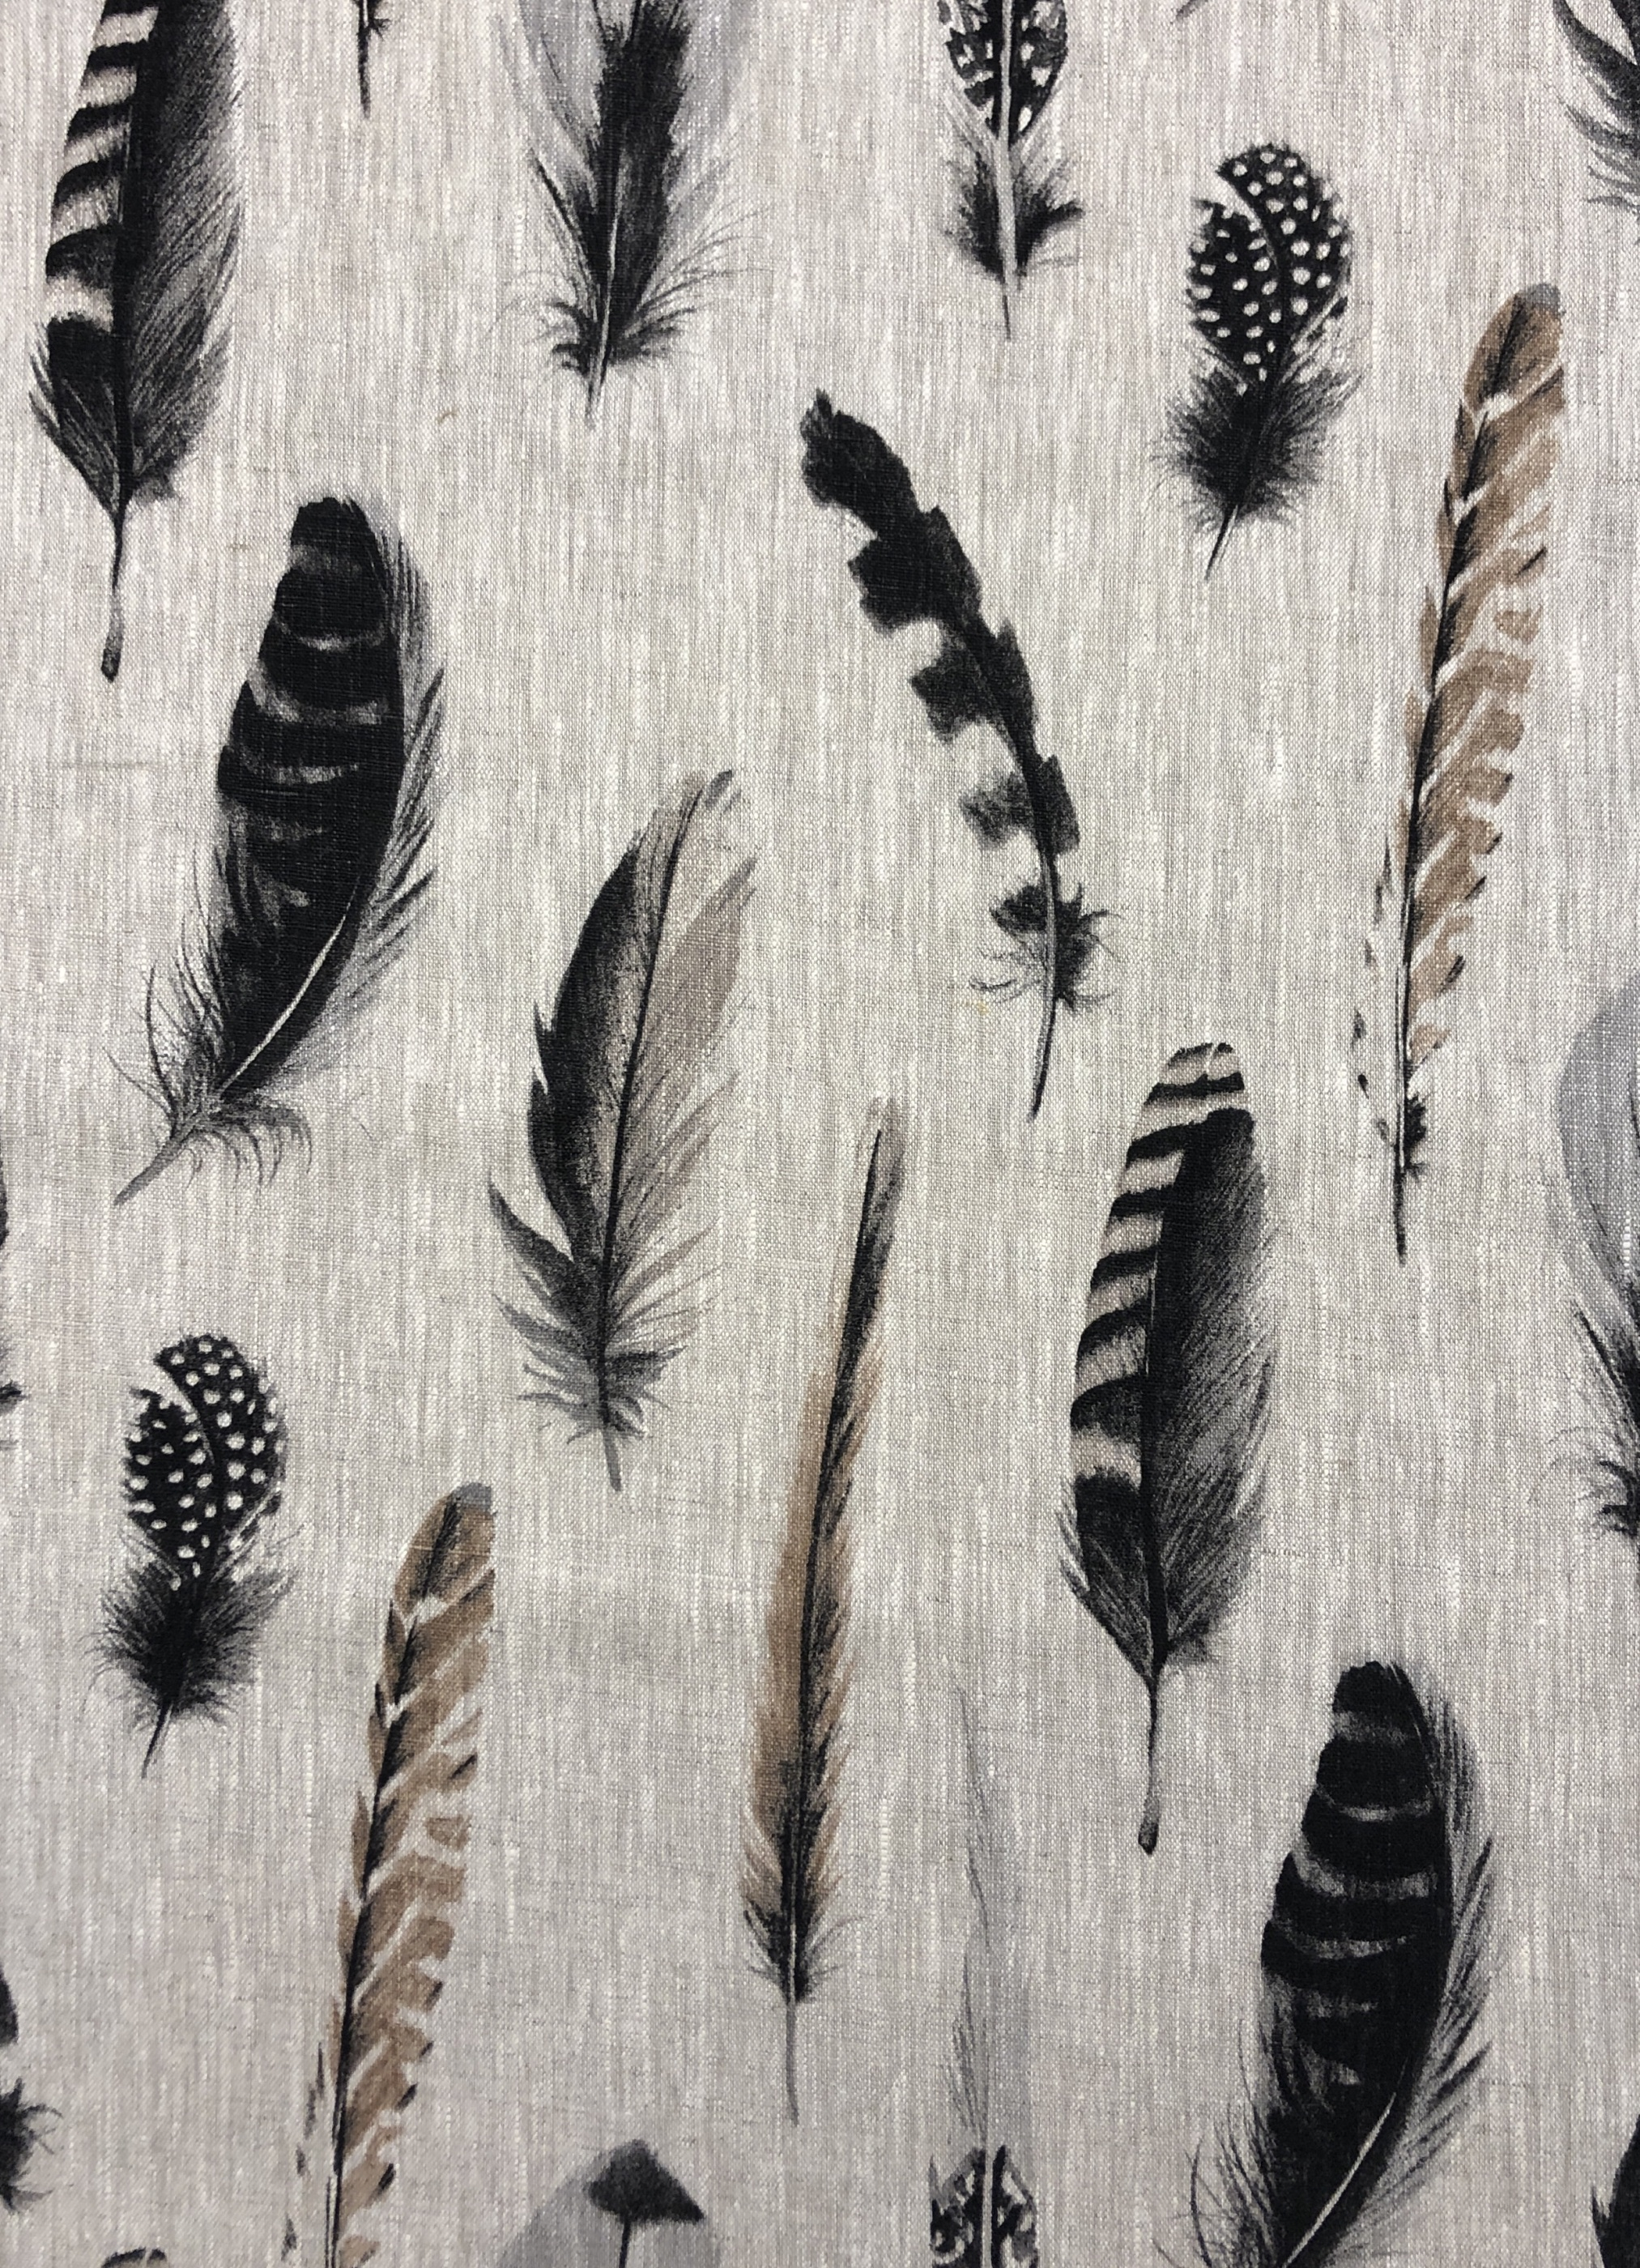 vackert lin linnetyg fjädrar fågelfjädrar natur verklighetstroget beige grå svart metervara Tyglust Laholm